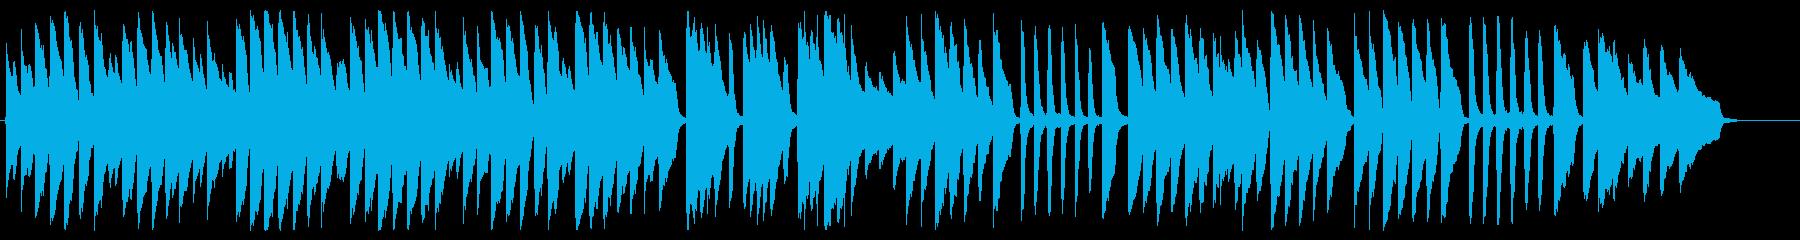 キラキラ星 ピアノver.の再生済みの波形